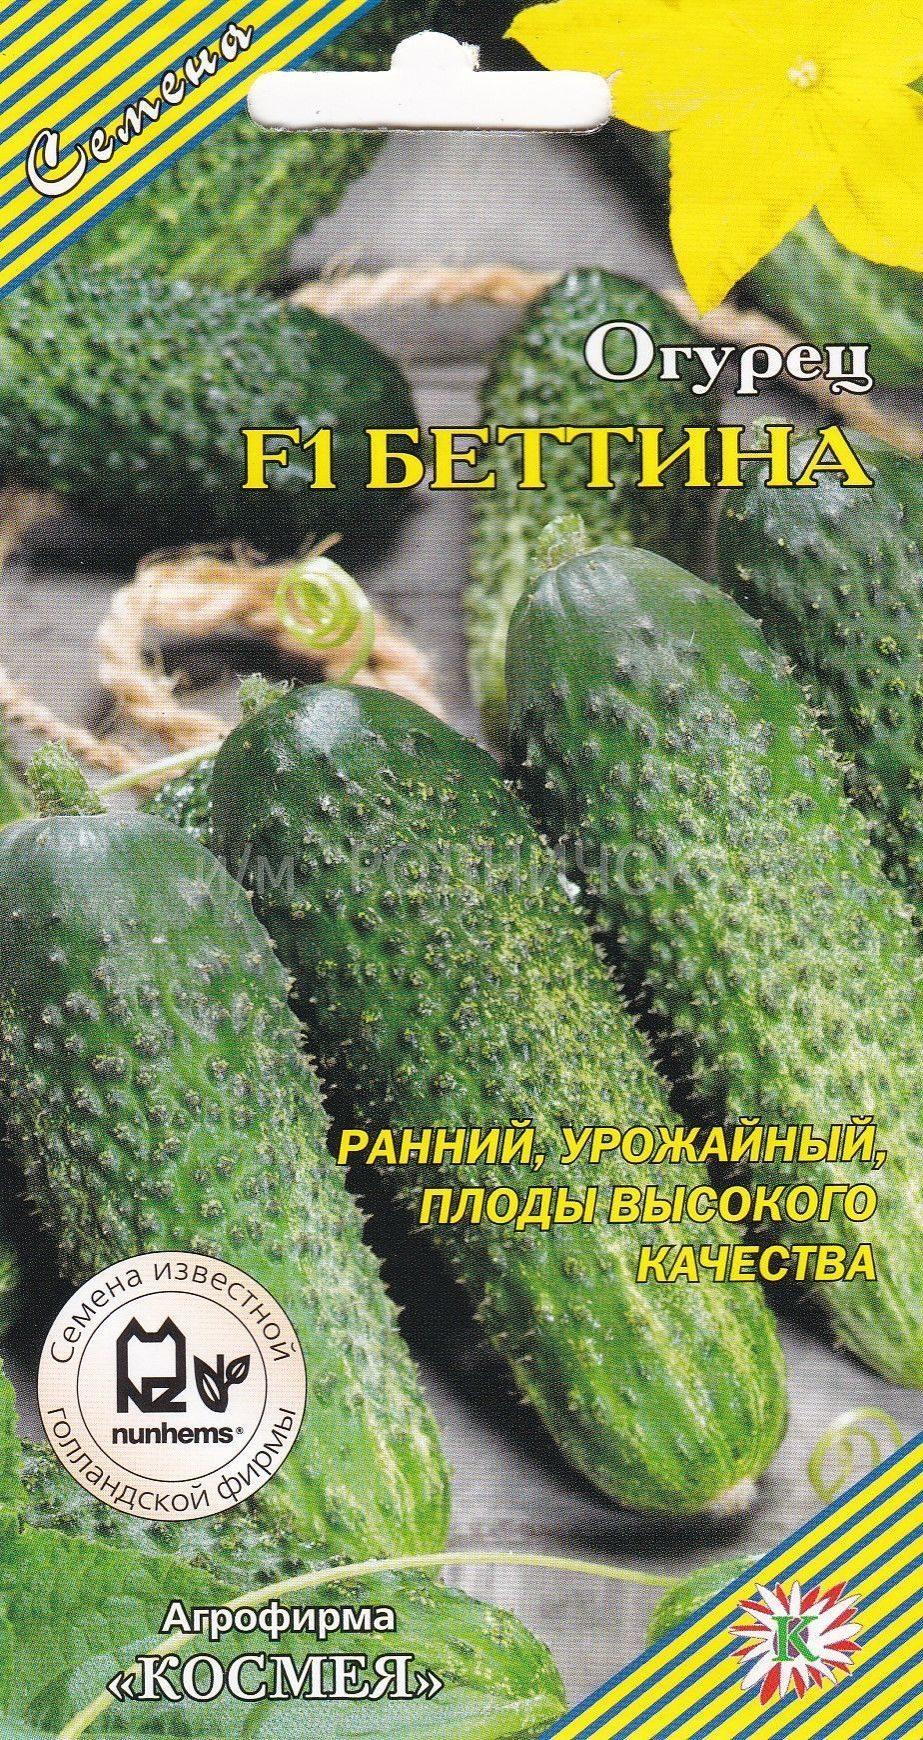 Огурец беттина f1: описание сорта с фото, отзывы о семенах и урожае, особенности выращивания